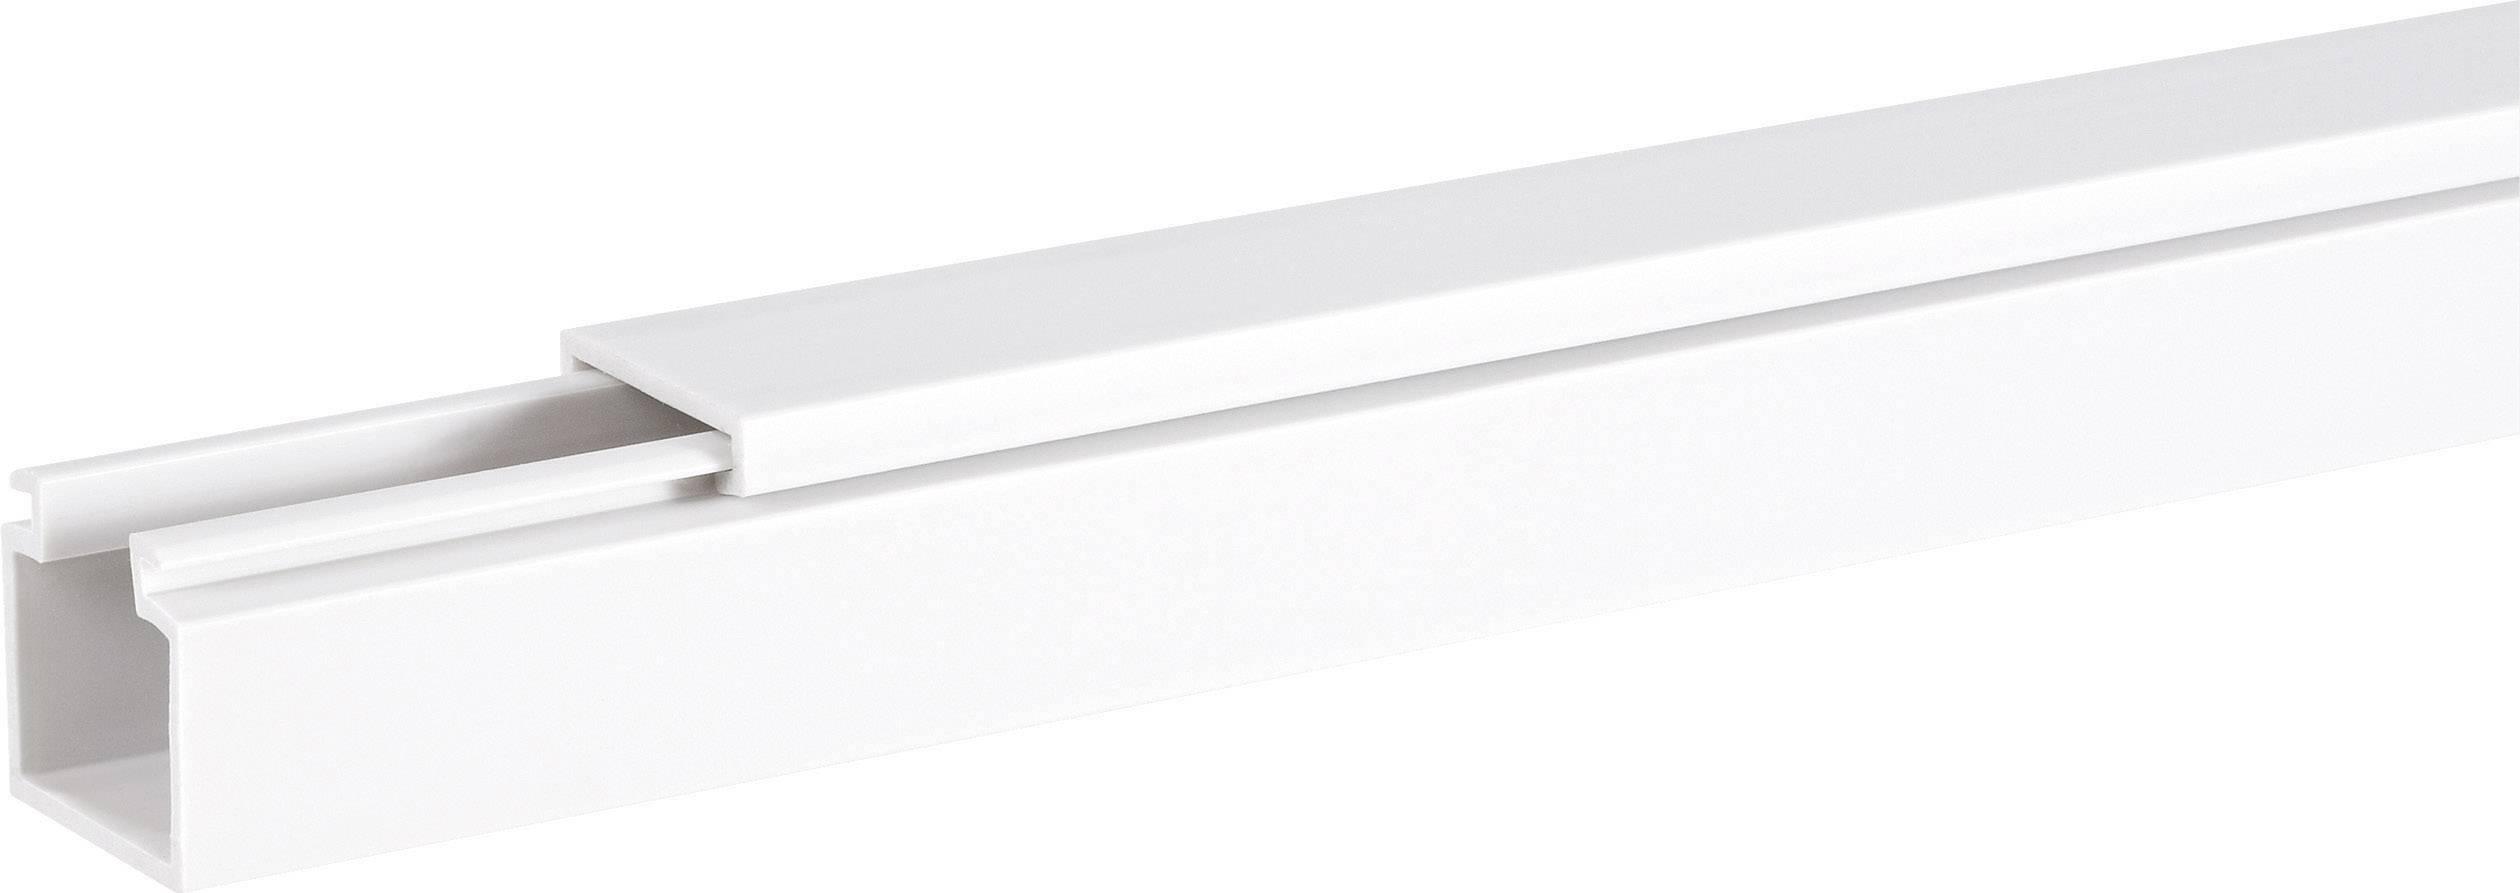 Elektroinstalační lišta Hager, LF1501509010, 15x15 mm, 2 m, bílá